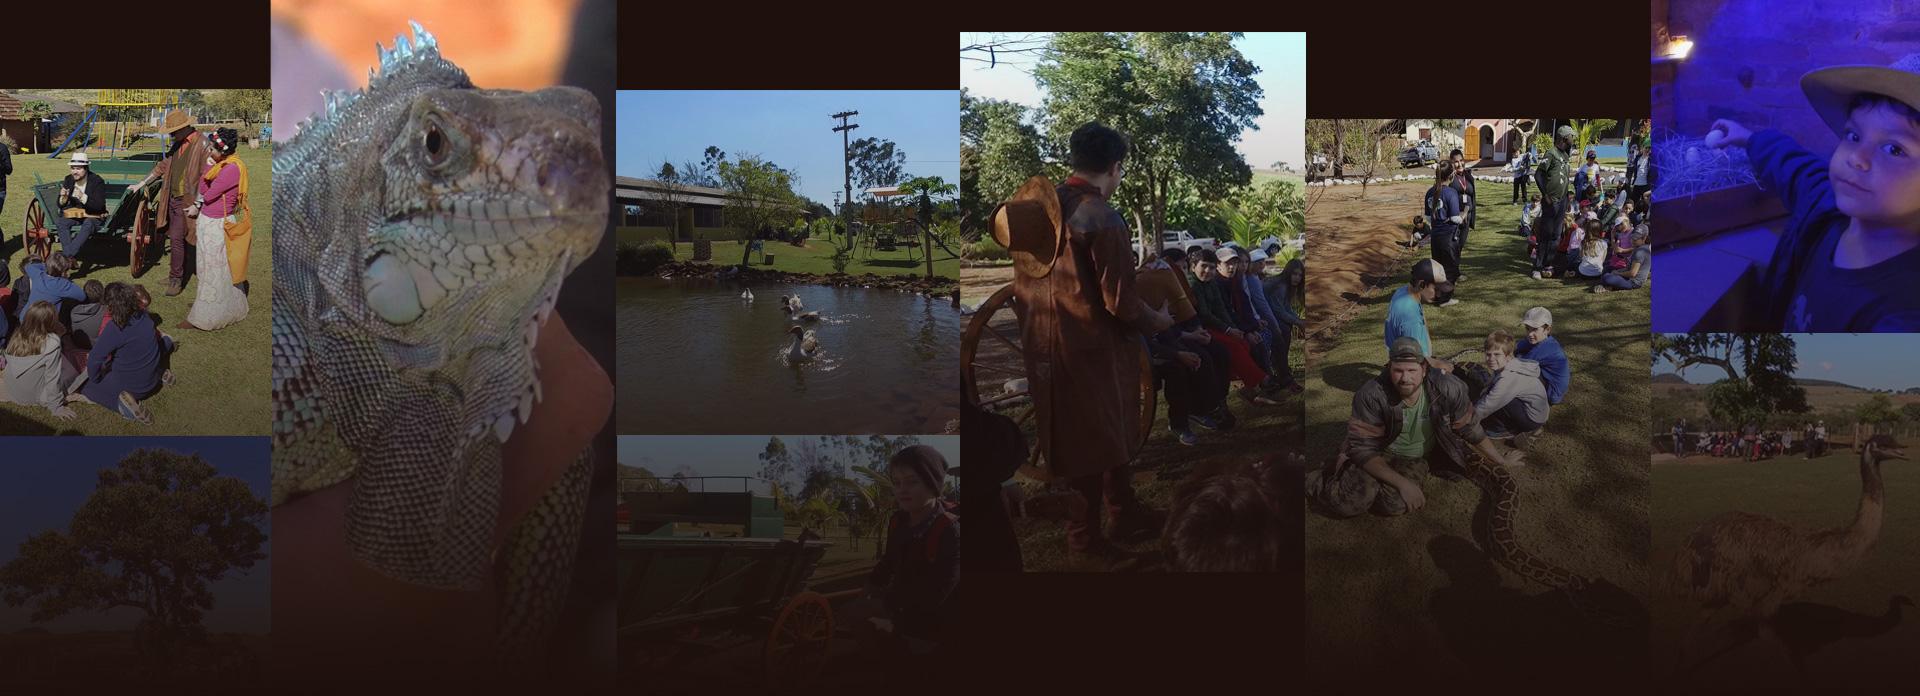 Galerias de Fotos e Vídeos do Sítio Santa Ânglea